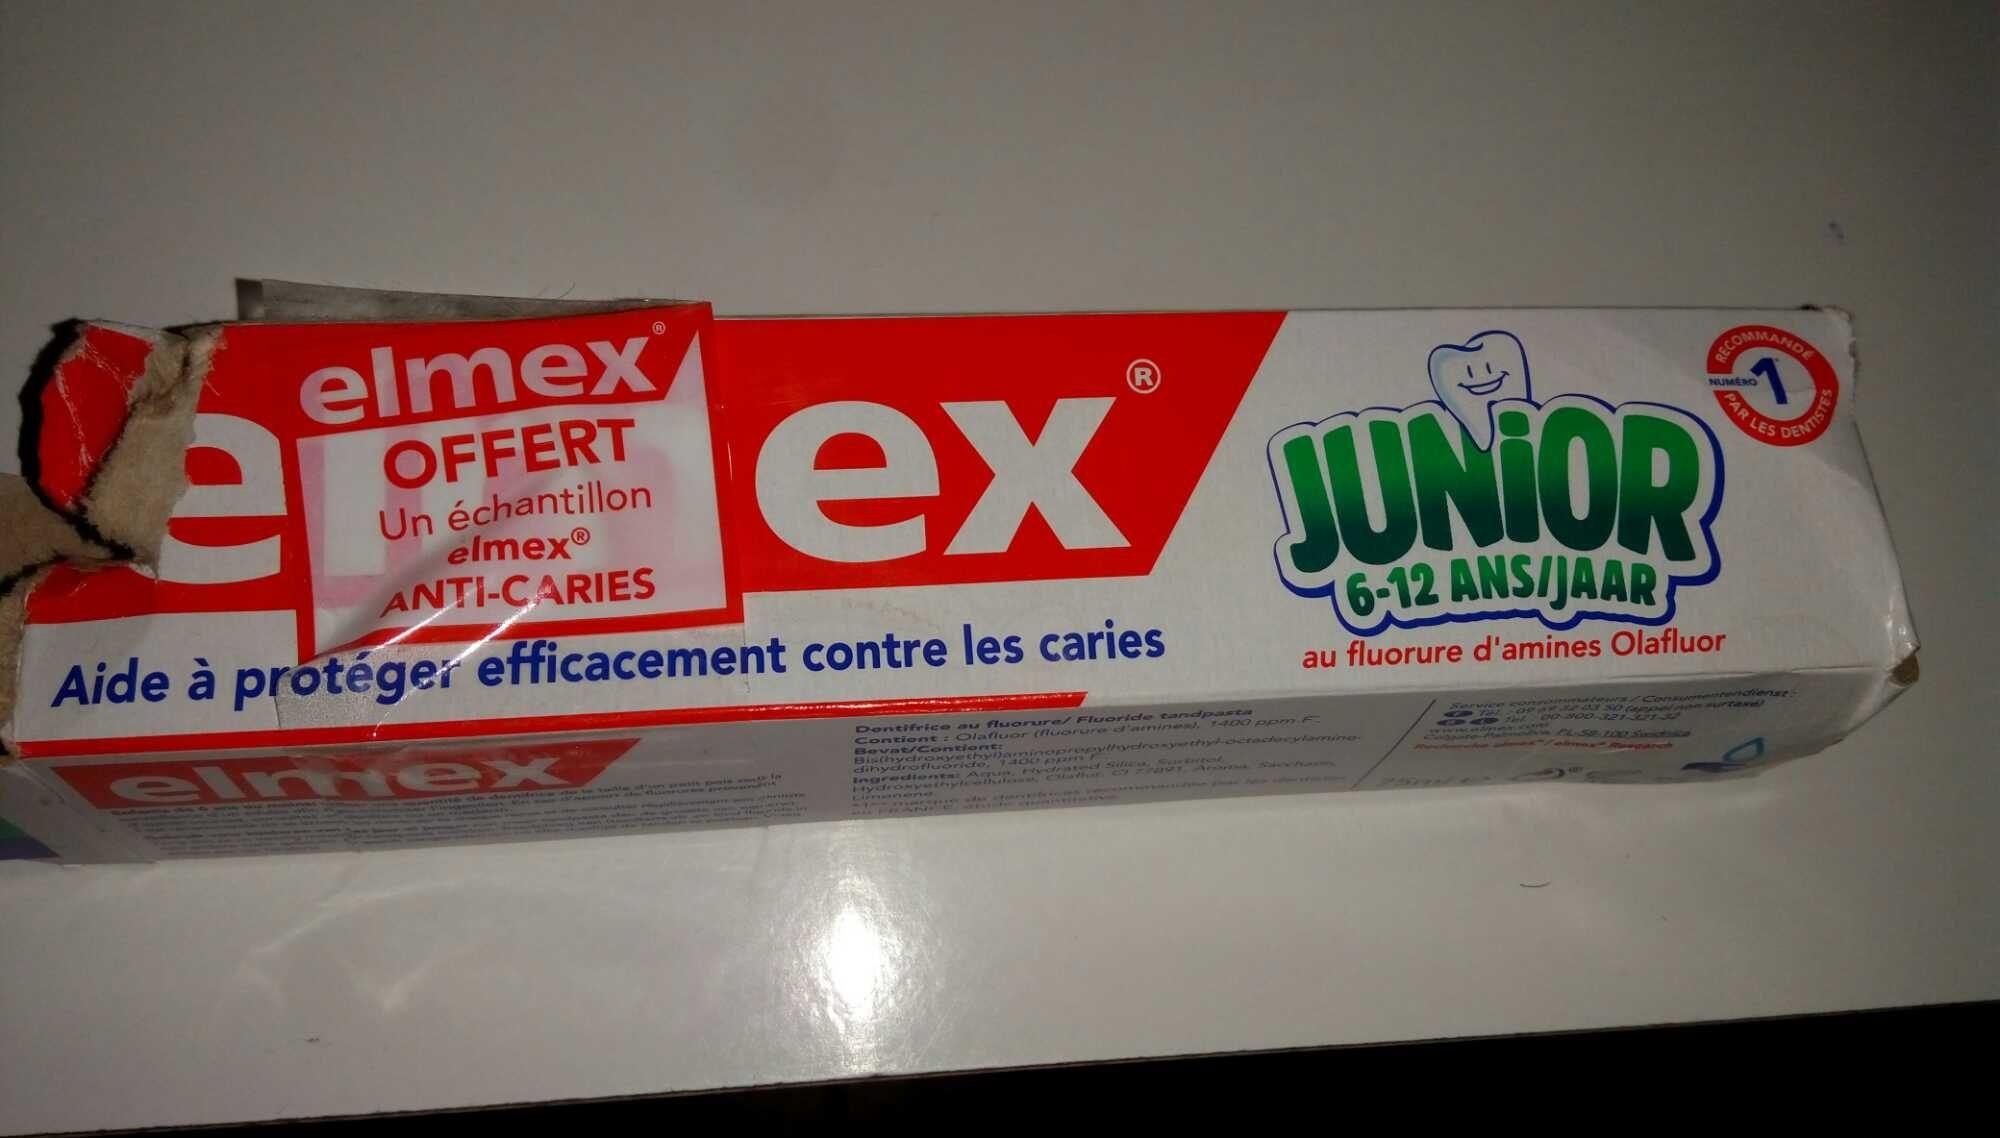 Elmex junior - Product